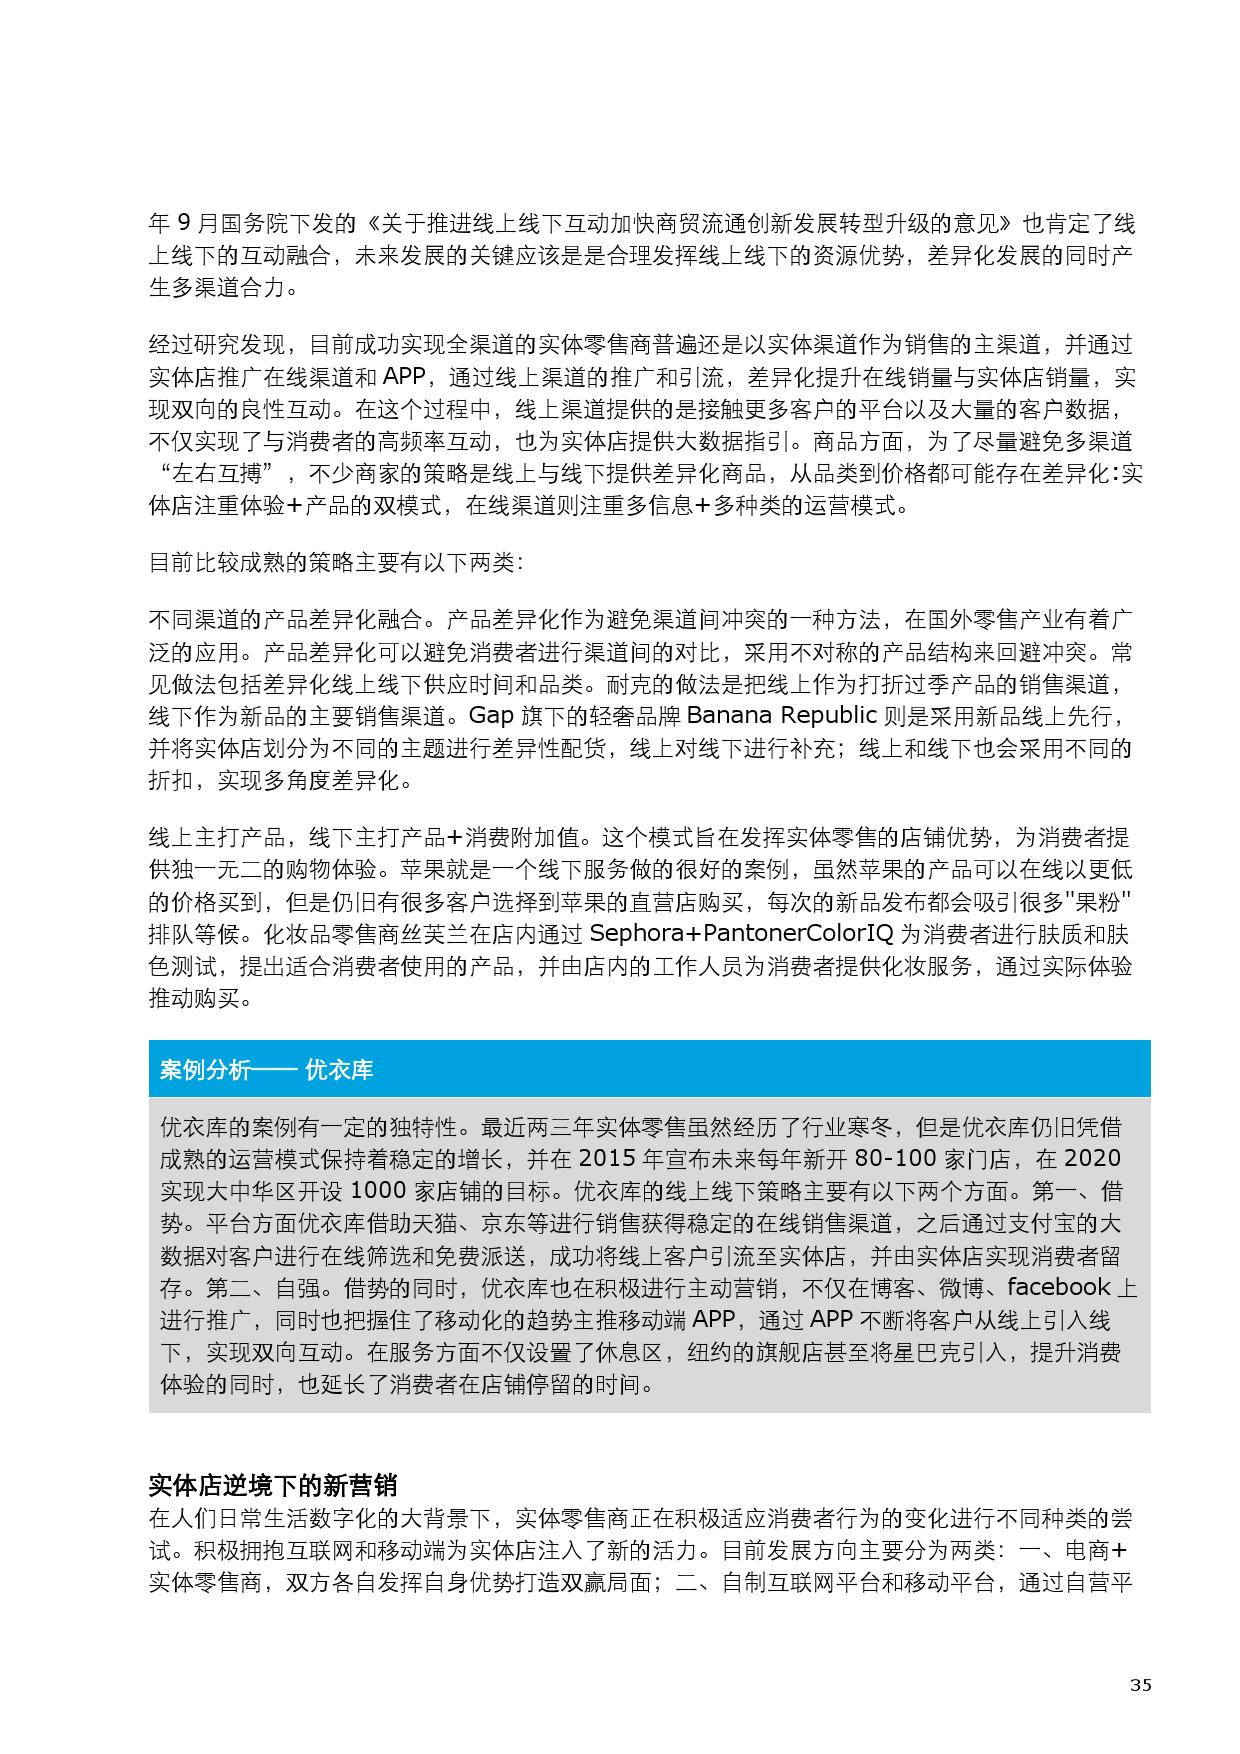 2015中国零售产业投资促进报告_000043